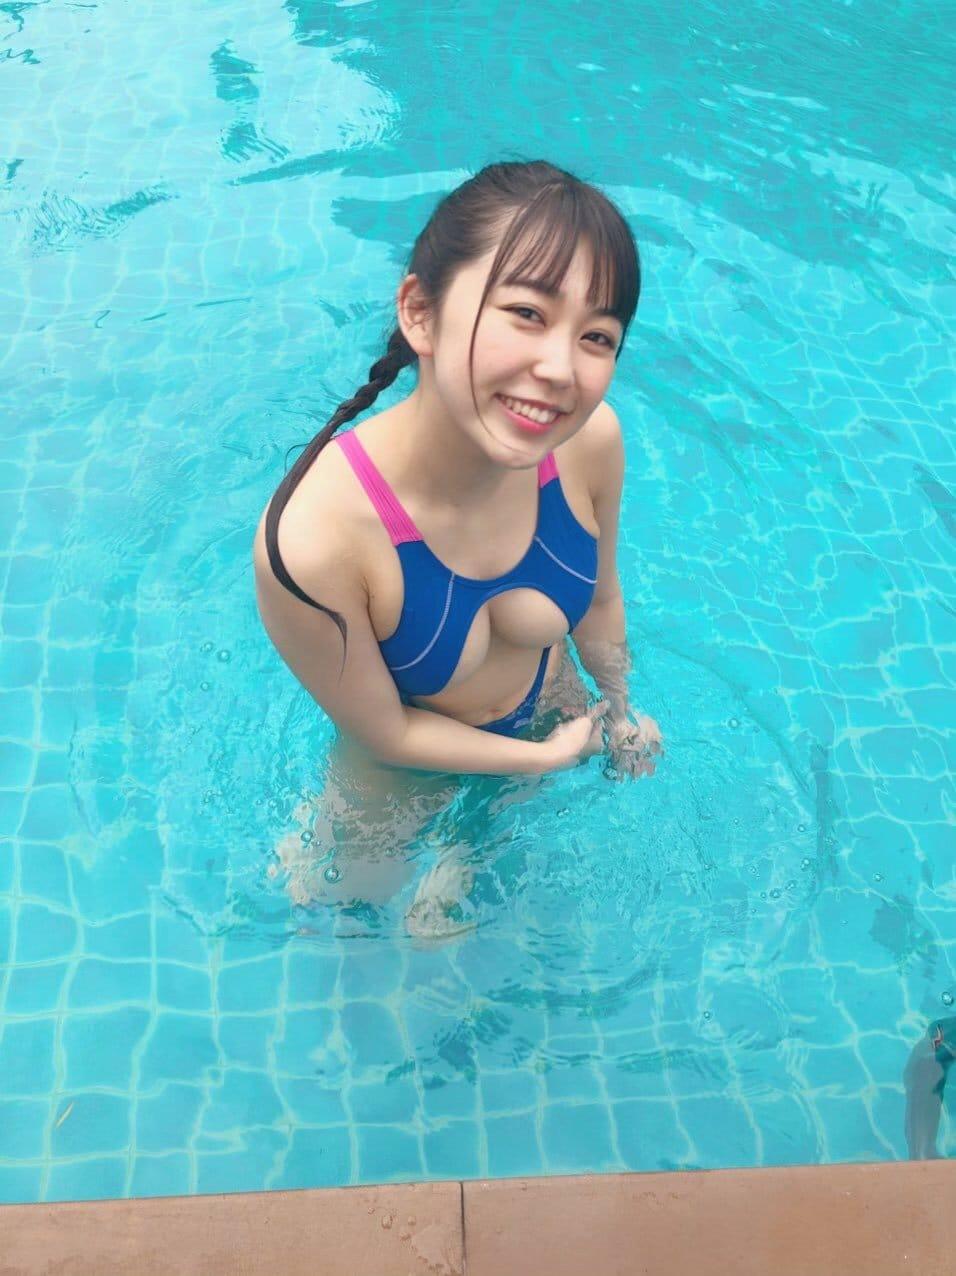 能美真奈「胸元ガラ空きの競泳水着」泳いだらポロリしちゃいそう!【画像3枚】の画像002